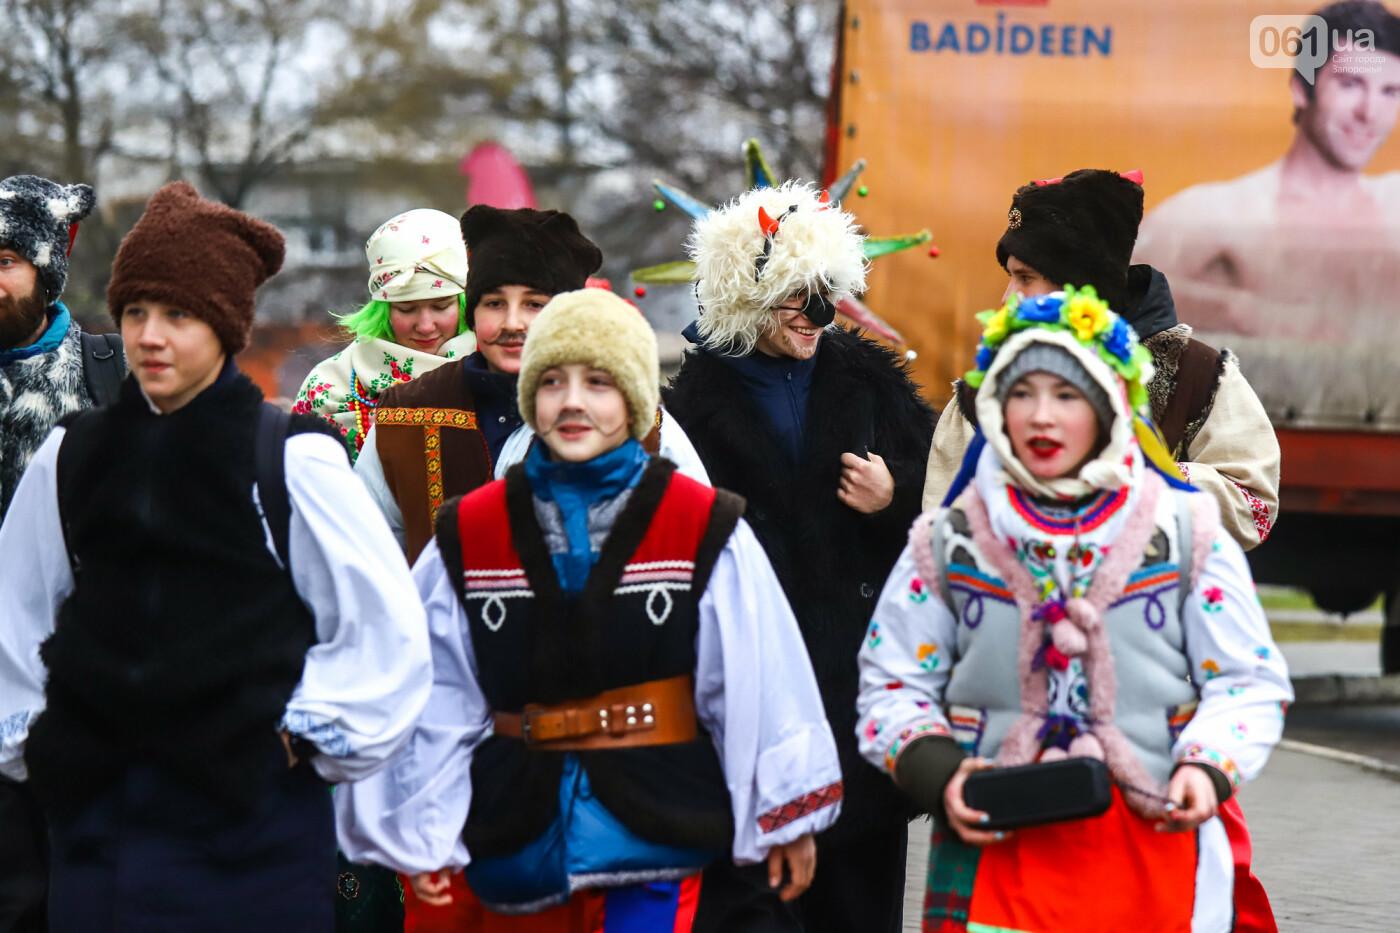 Нечистая сила против казаков: на улицах Запорожья показывали Рождественский вертеп, - ФОТО, ВИДЕО  , фото-3